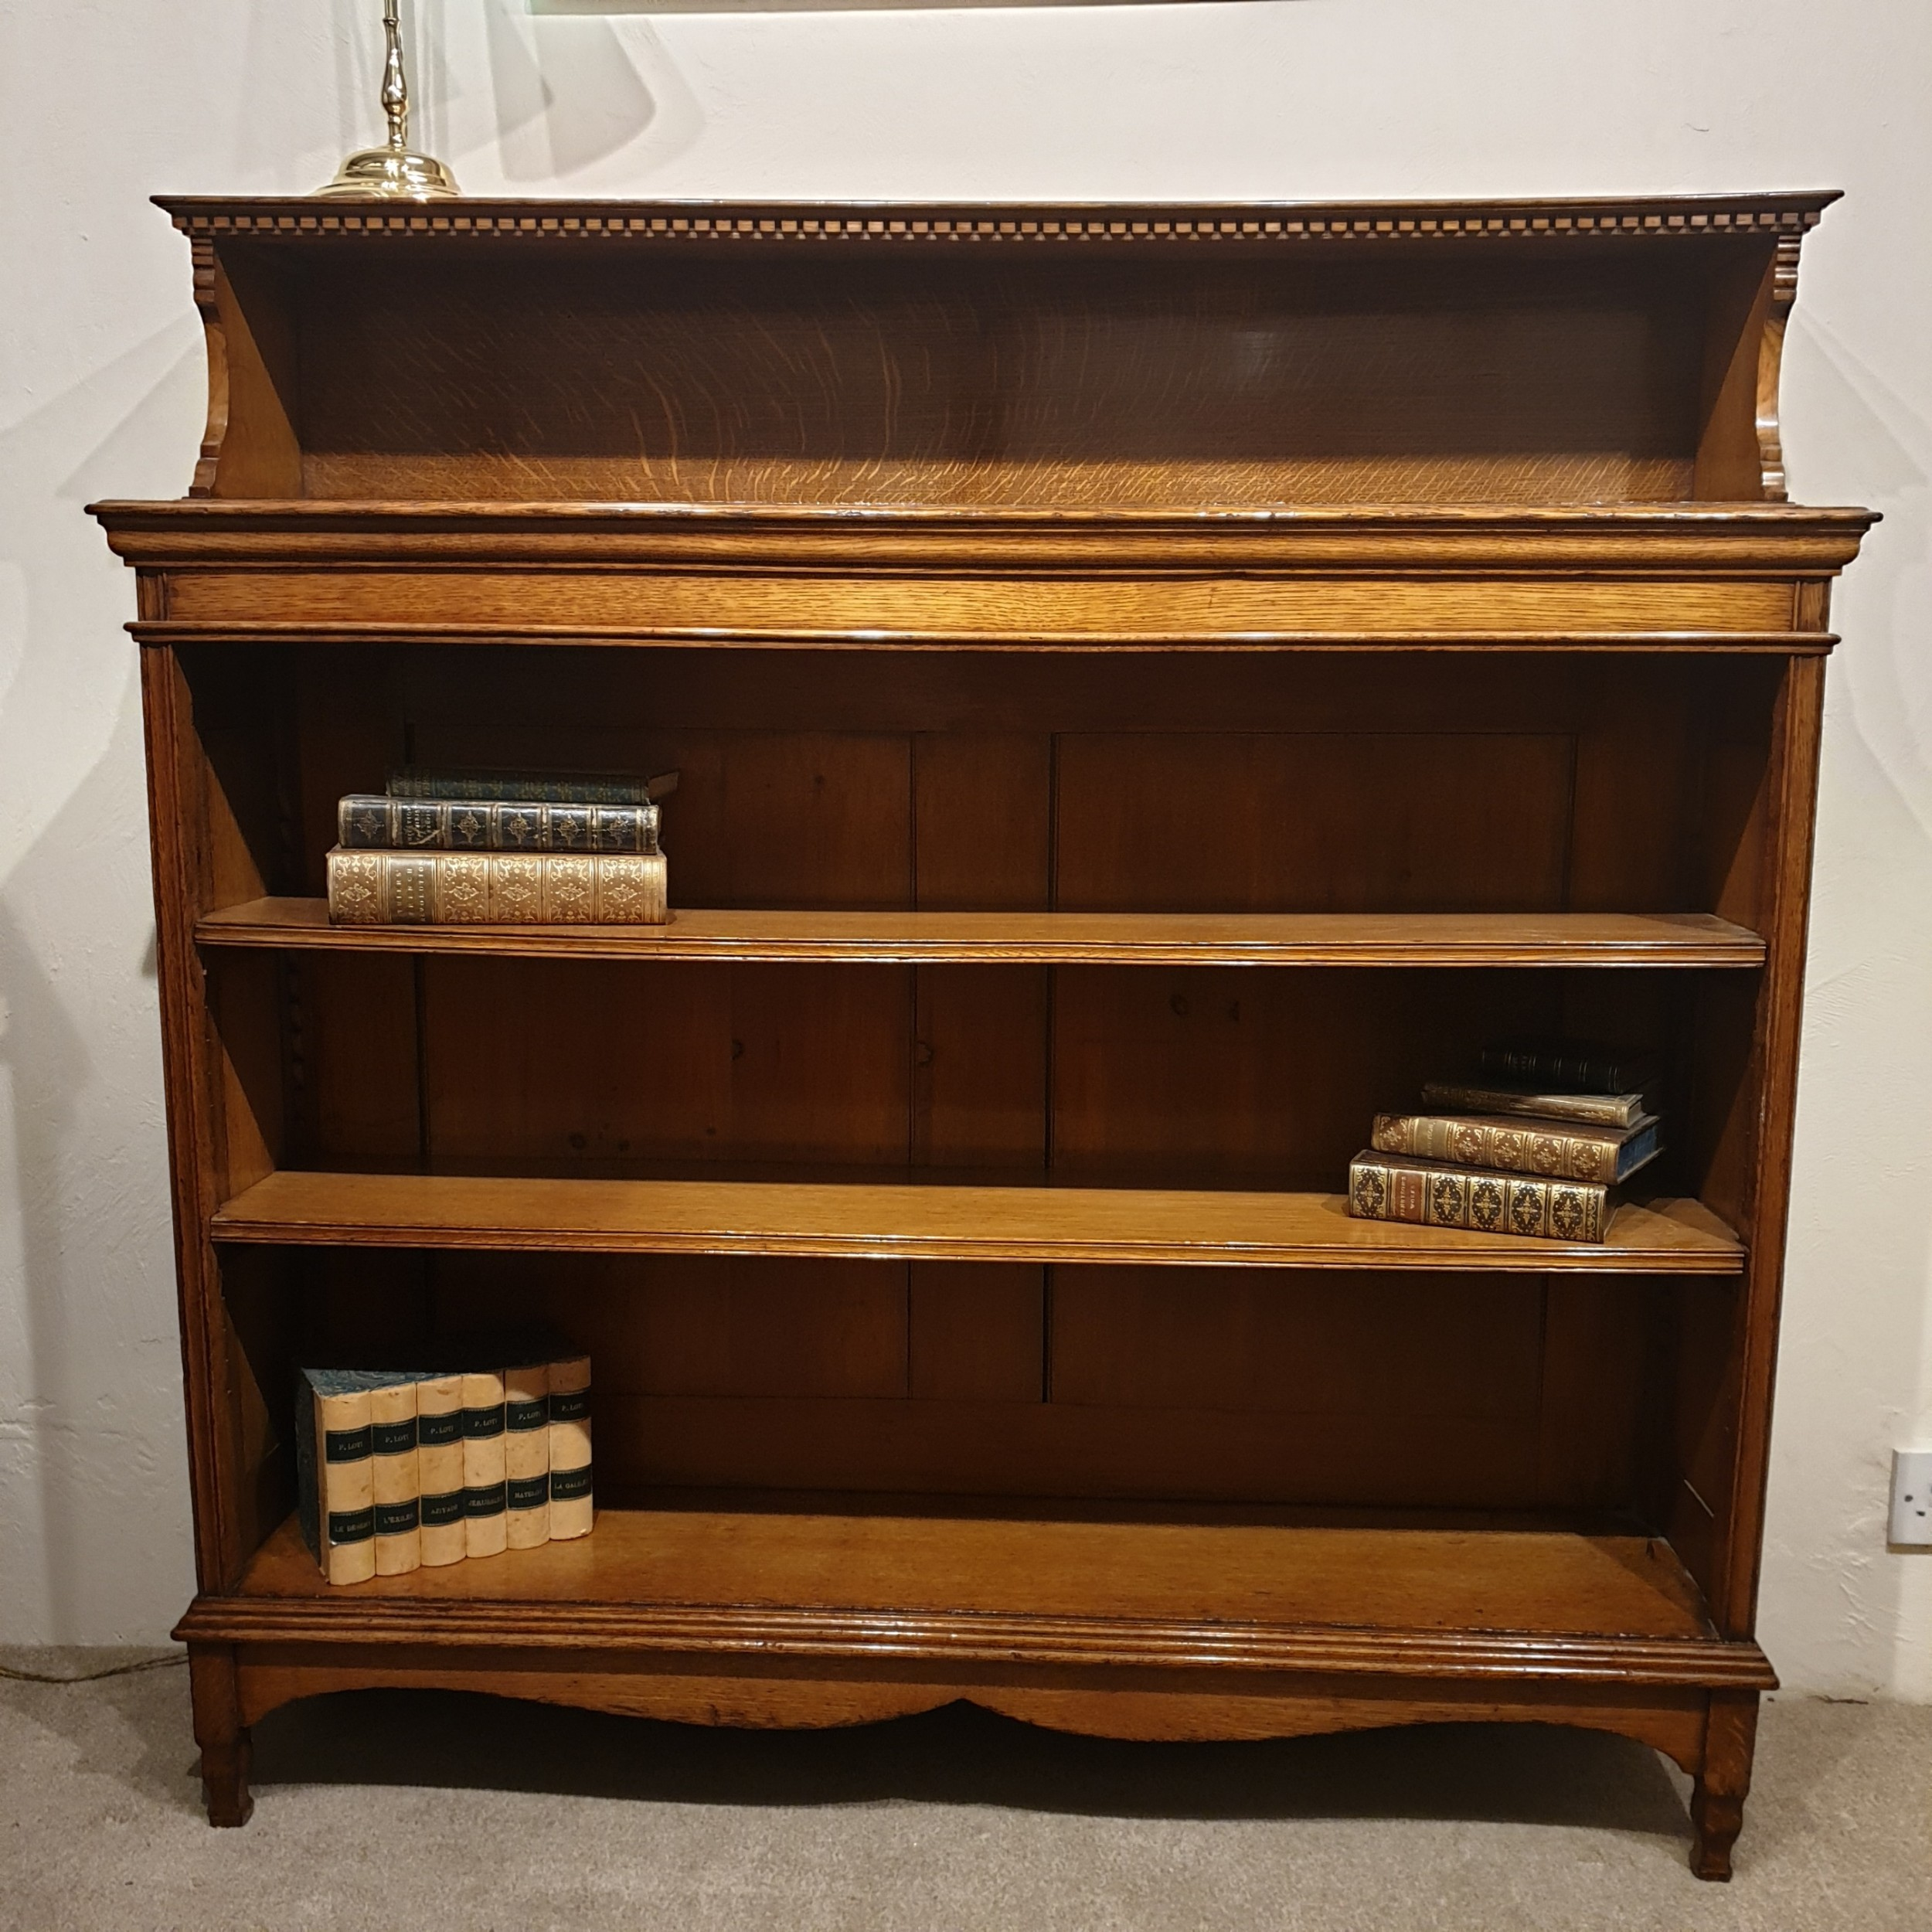 a golden oak open bookcase